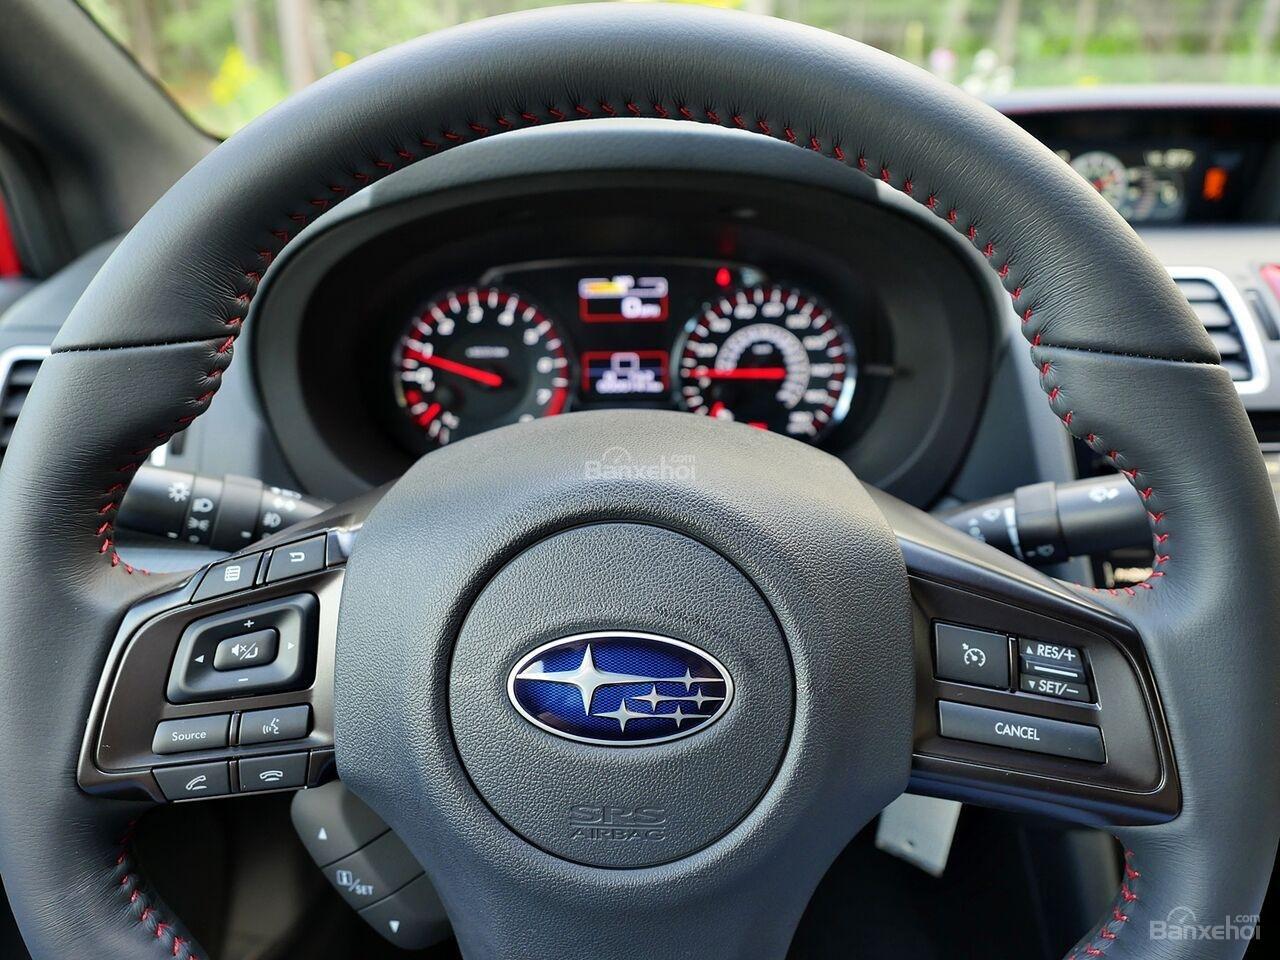 Đánh giá xe Subaru WRX 2019 bản Mỹ - màn hình - 1b